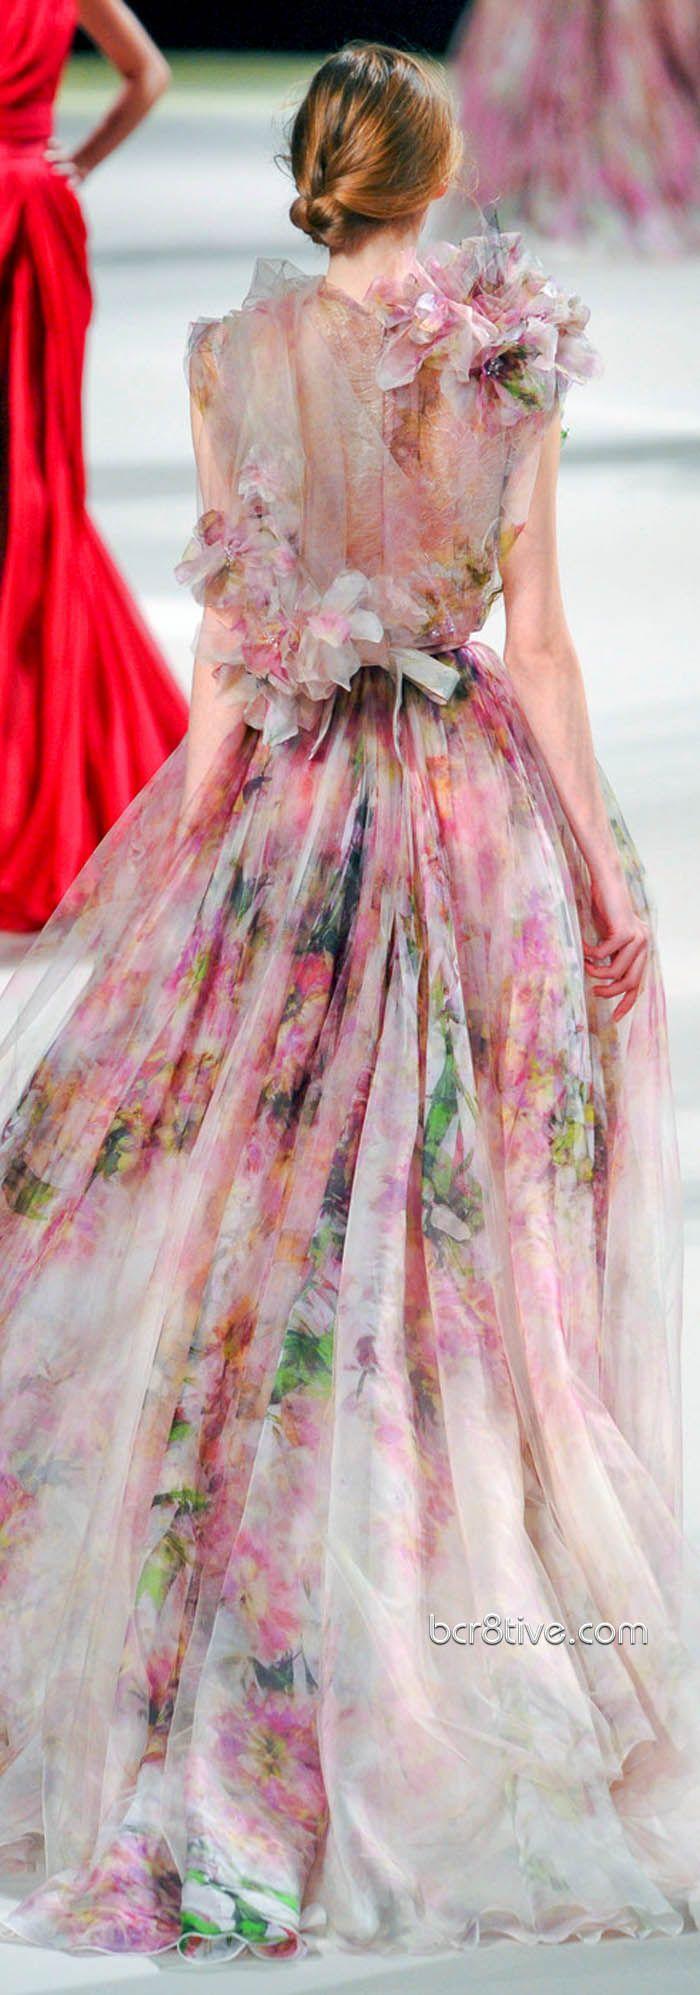 VESTIDOS ESTAMPADOS....❤ | Moda | Pinterest | Vestidos de flores ...